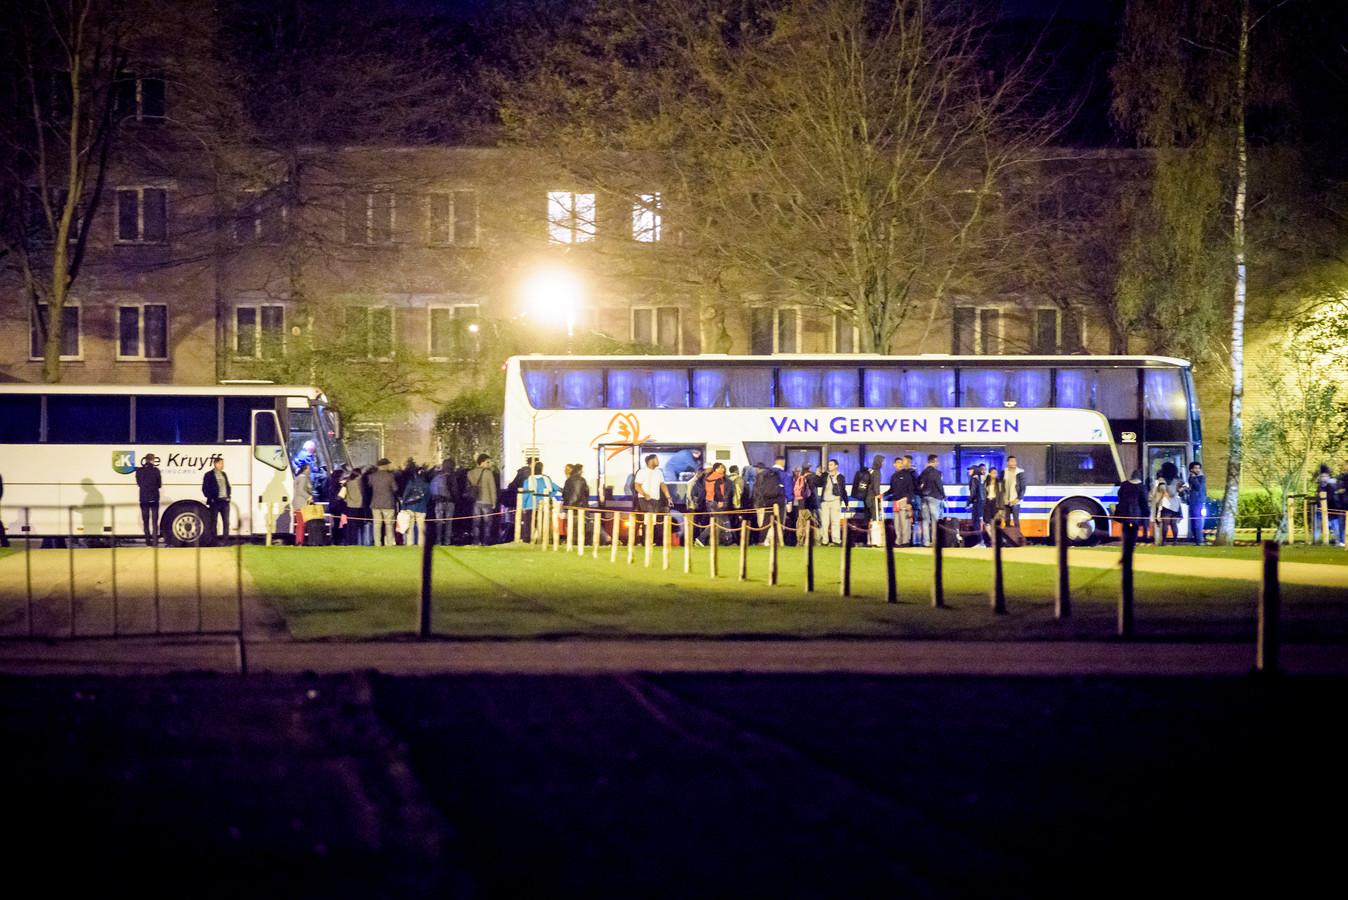 VELDHOVEN - Eritreeërs worden met bussen bij de Koningshof weggevoerd.